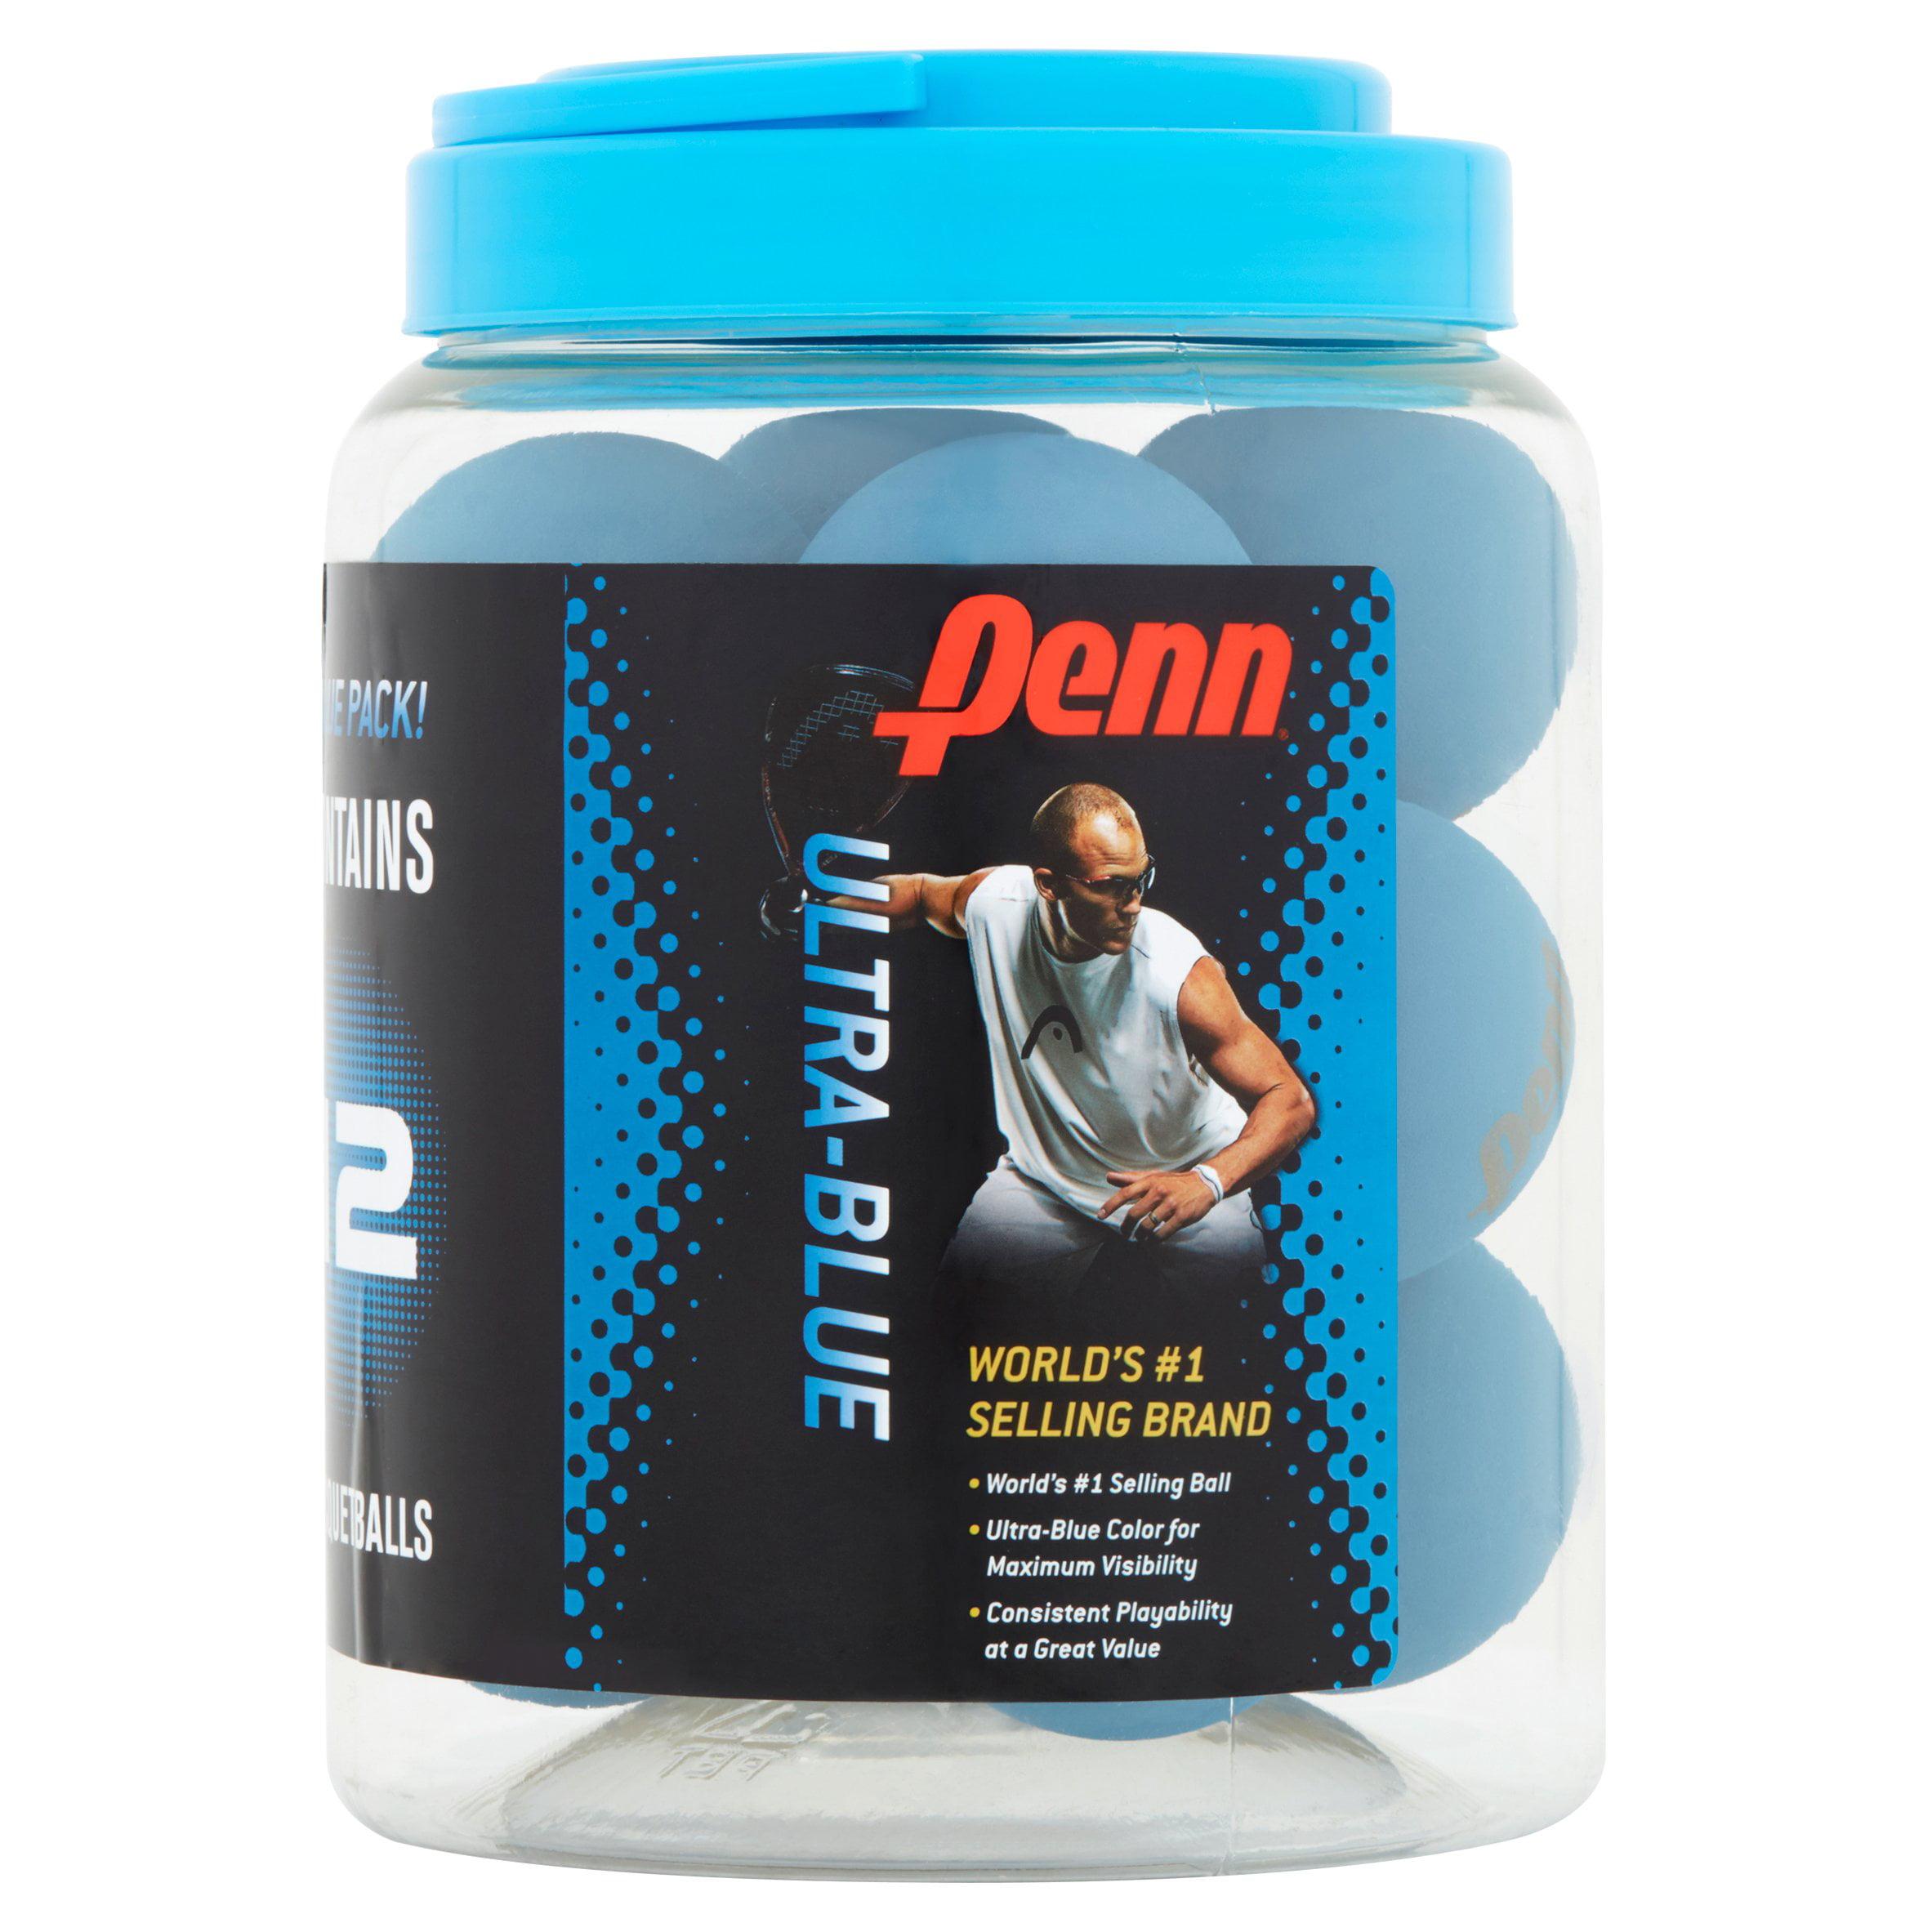 Penn Racquetballs, 1 Dozen by Head Penn Racquet Sports